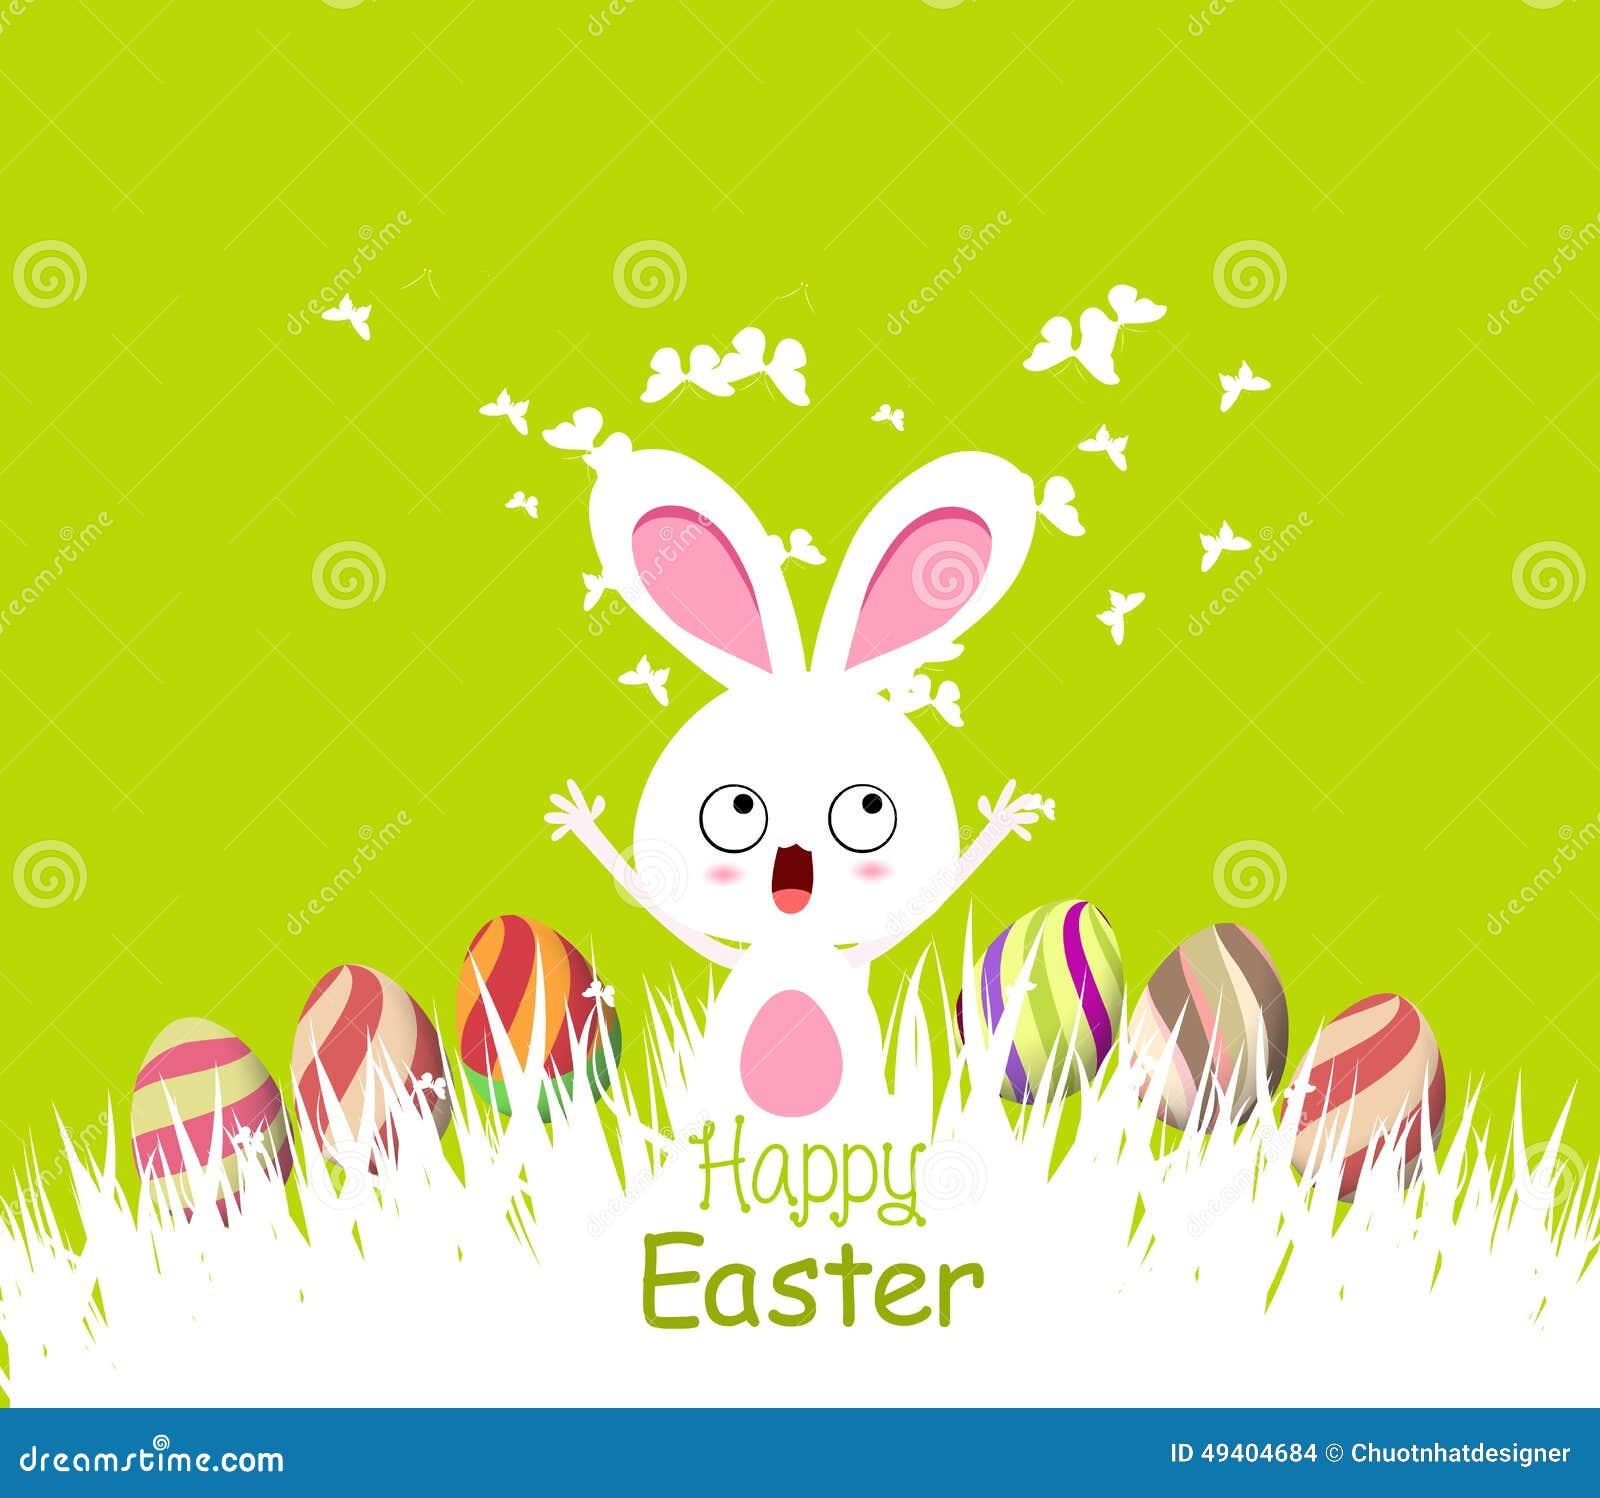 Download Glückliche Ostern-Karten Mit Eiern Und Häschen Vektor Abbildung - Illustration von exemplar, karte: 49404684